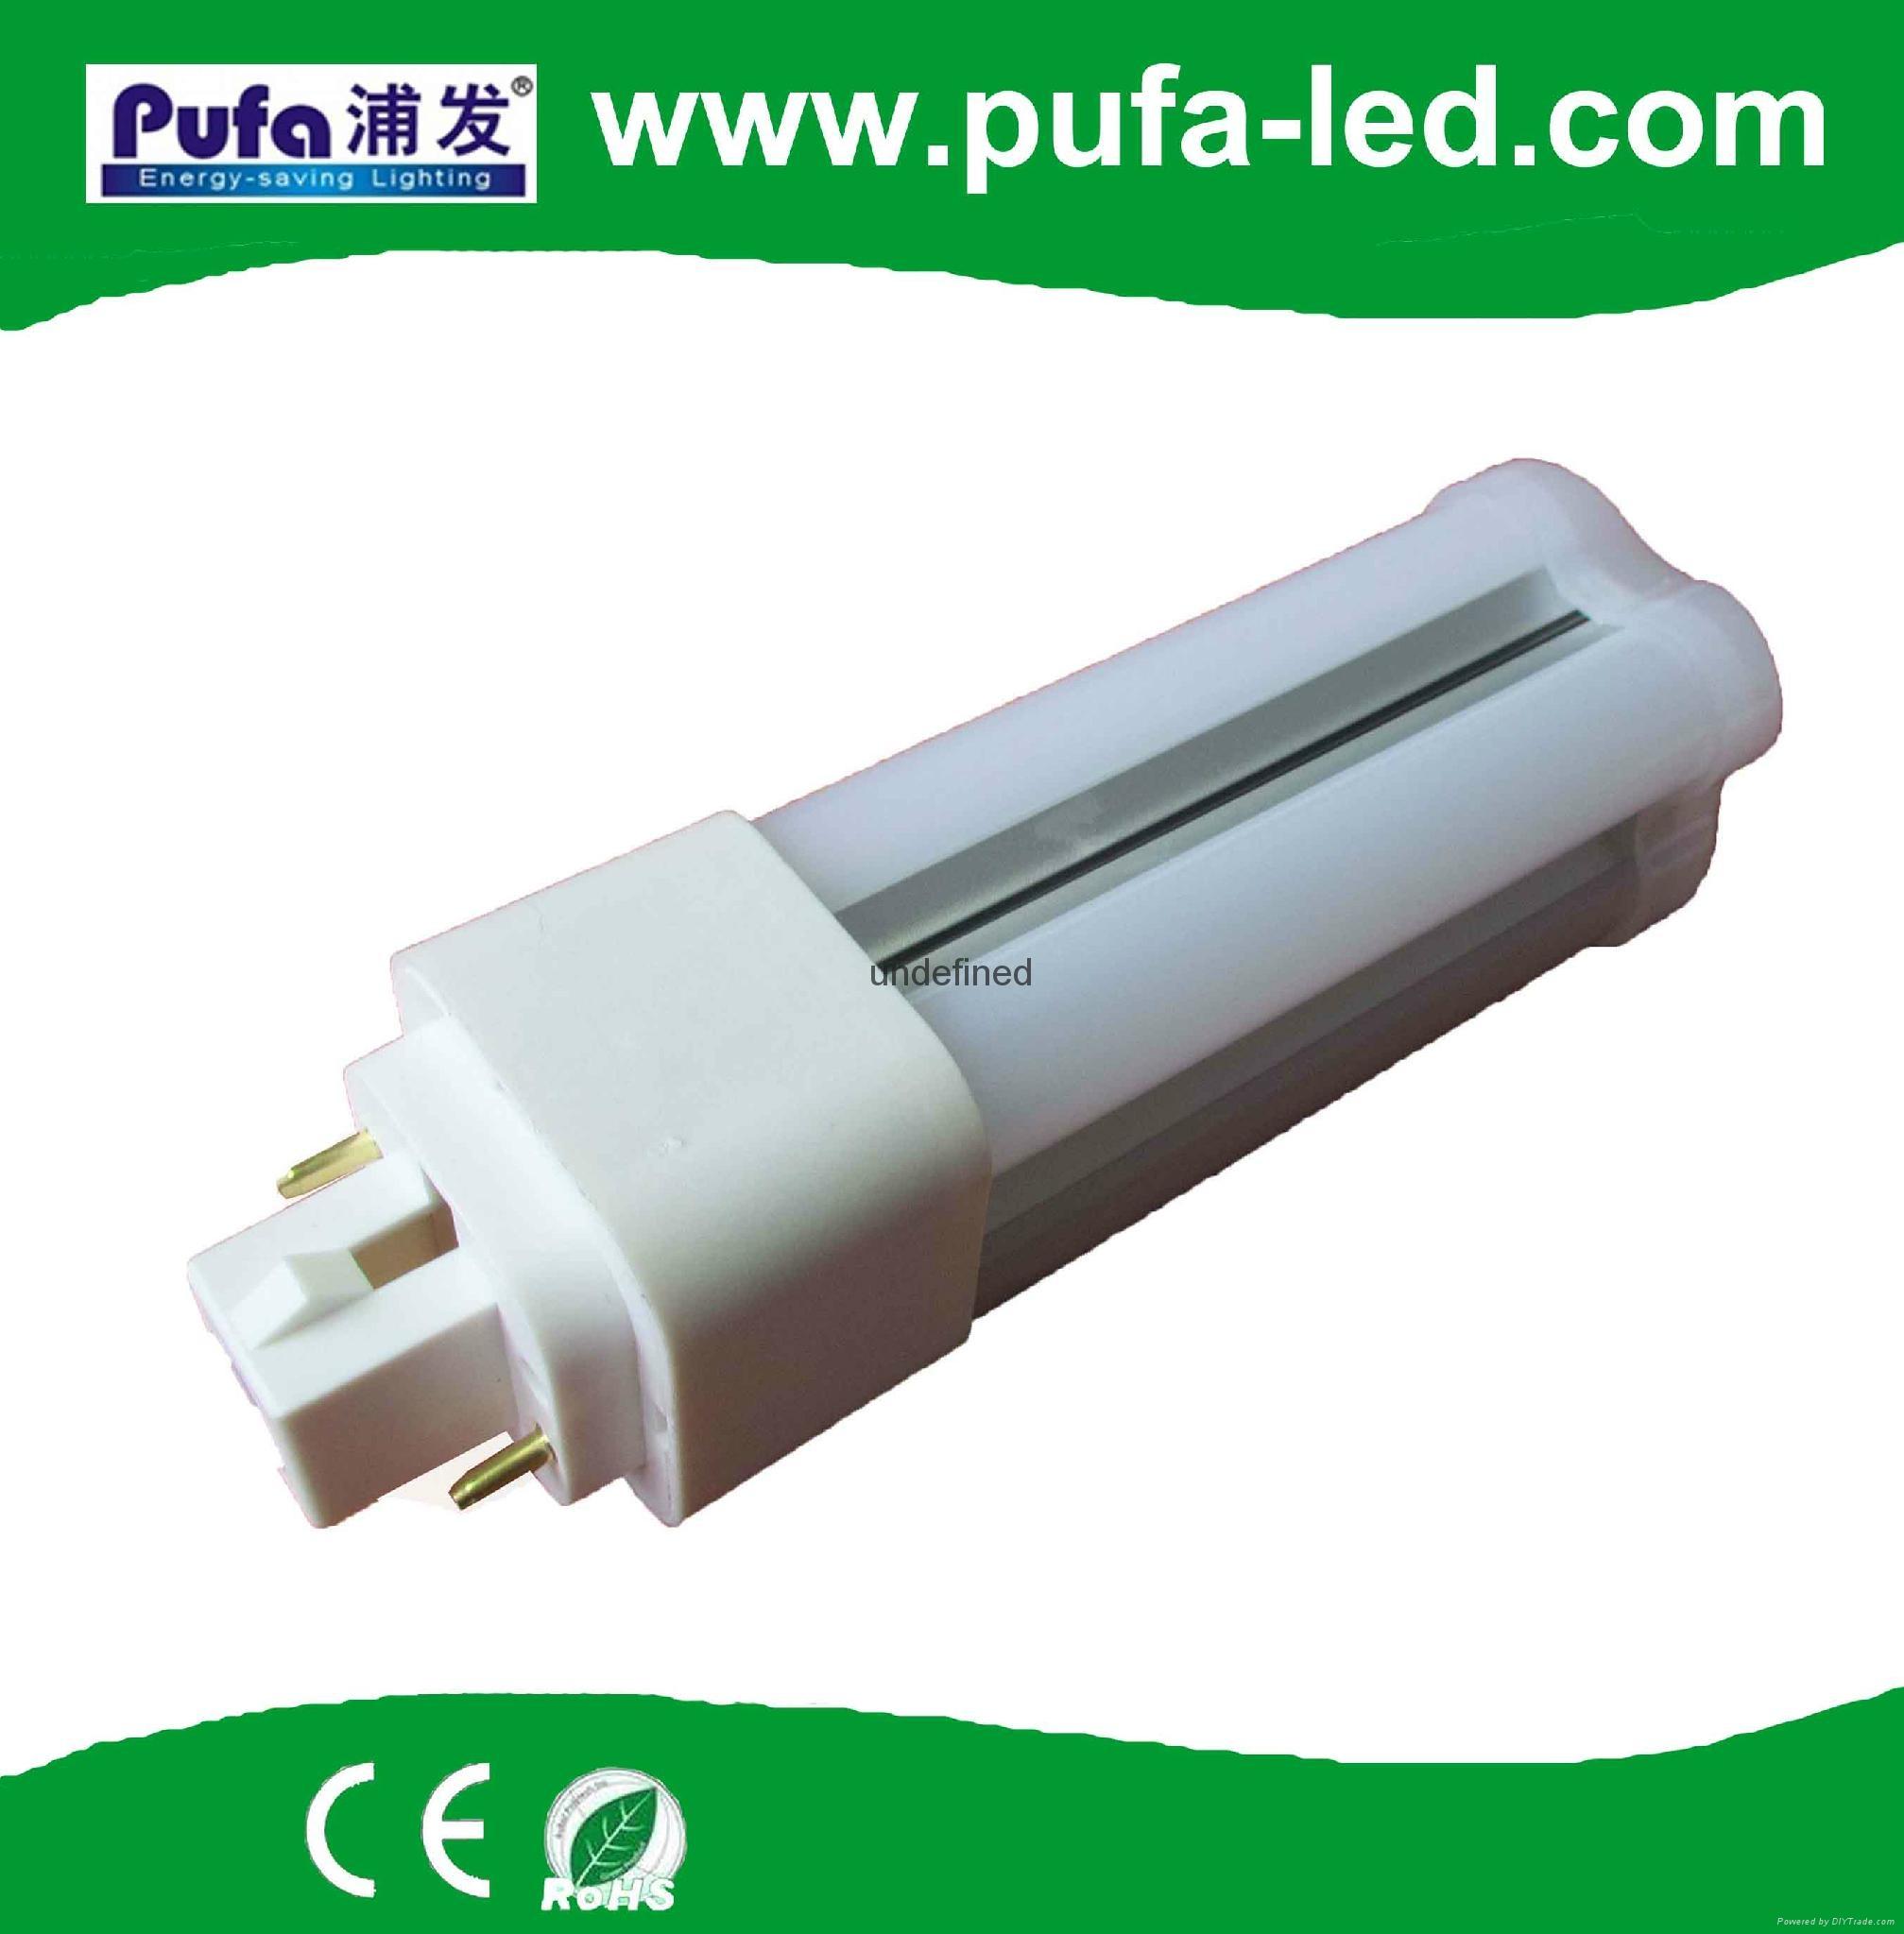 G24 LED 插拔燈11W 1